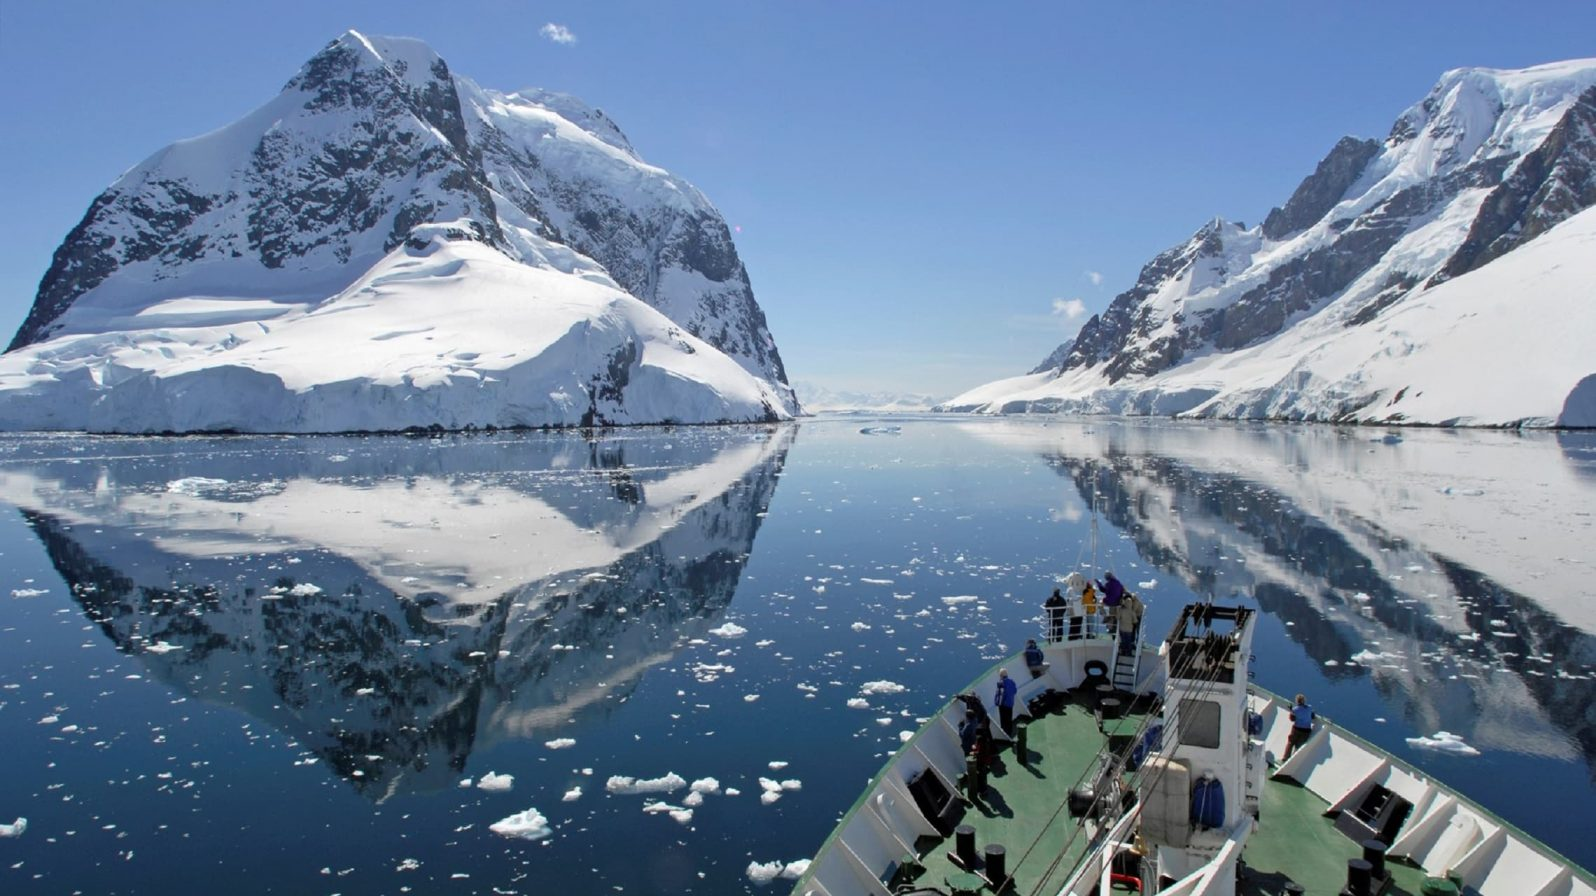 Etelämanner-risteily-Antarktisella-min-1596x896.jpeg